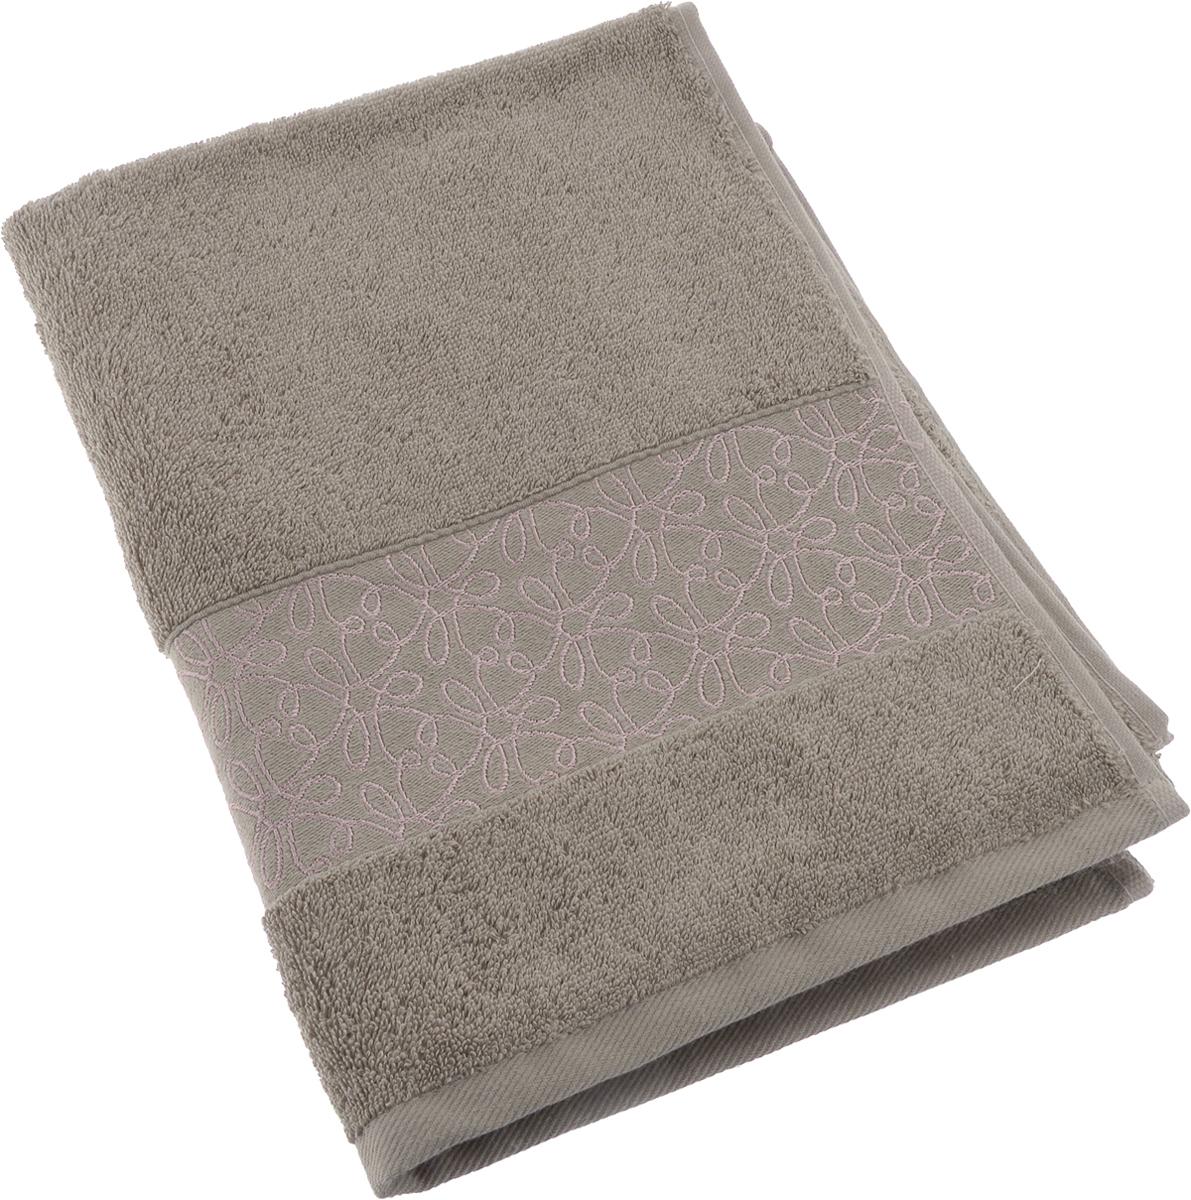 Полотенце махровое Issimo Home Perin, цвет: коричневый, 50 х 90 см00000005487Прекрасное полотенце Issimo Home Perin выполнено из натуральной махровой ткани (100%хлопок). Изделие отлично впитывает влагу, быстро сохнет и не теряет форму даже послемногократных стирок. Рекомендации по уходу: - режим стирки при 40°C, - допускается обычная химчистка, - отбеливание запрещено, - глажка при температуре подошвы утюга до 110°С, - барабанный отжим запрещен. Размер полотенца: 50 x 90 см.